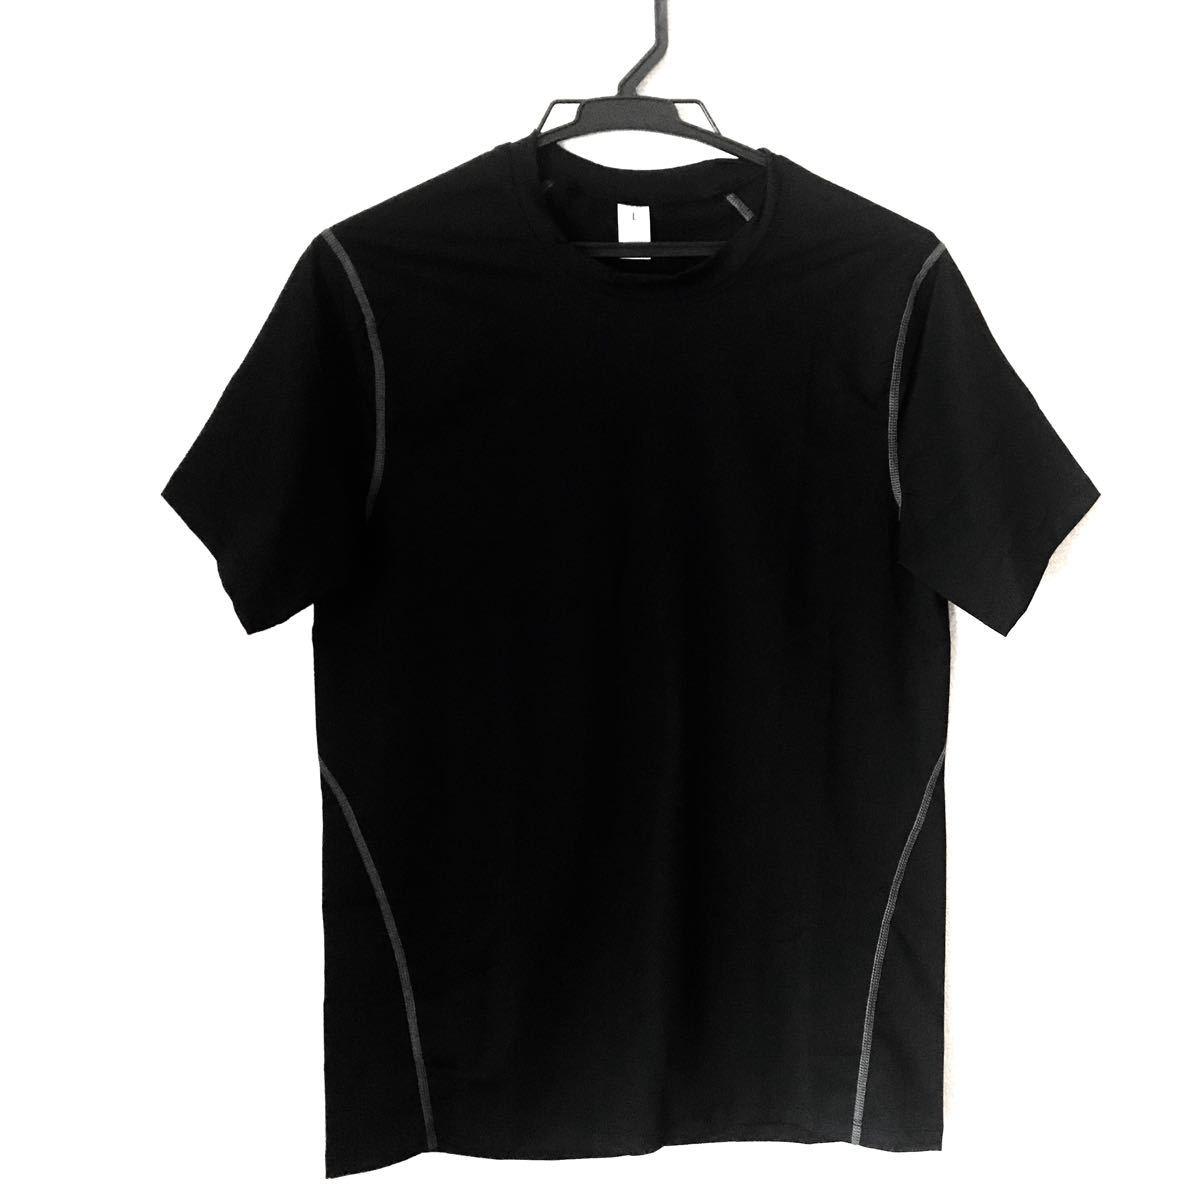 スポーツウェア 半袖Tシャツ サイズL